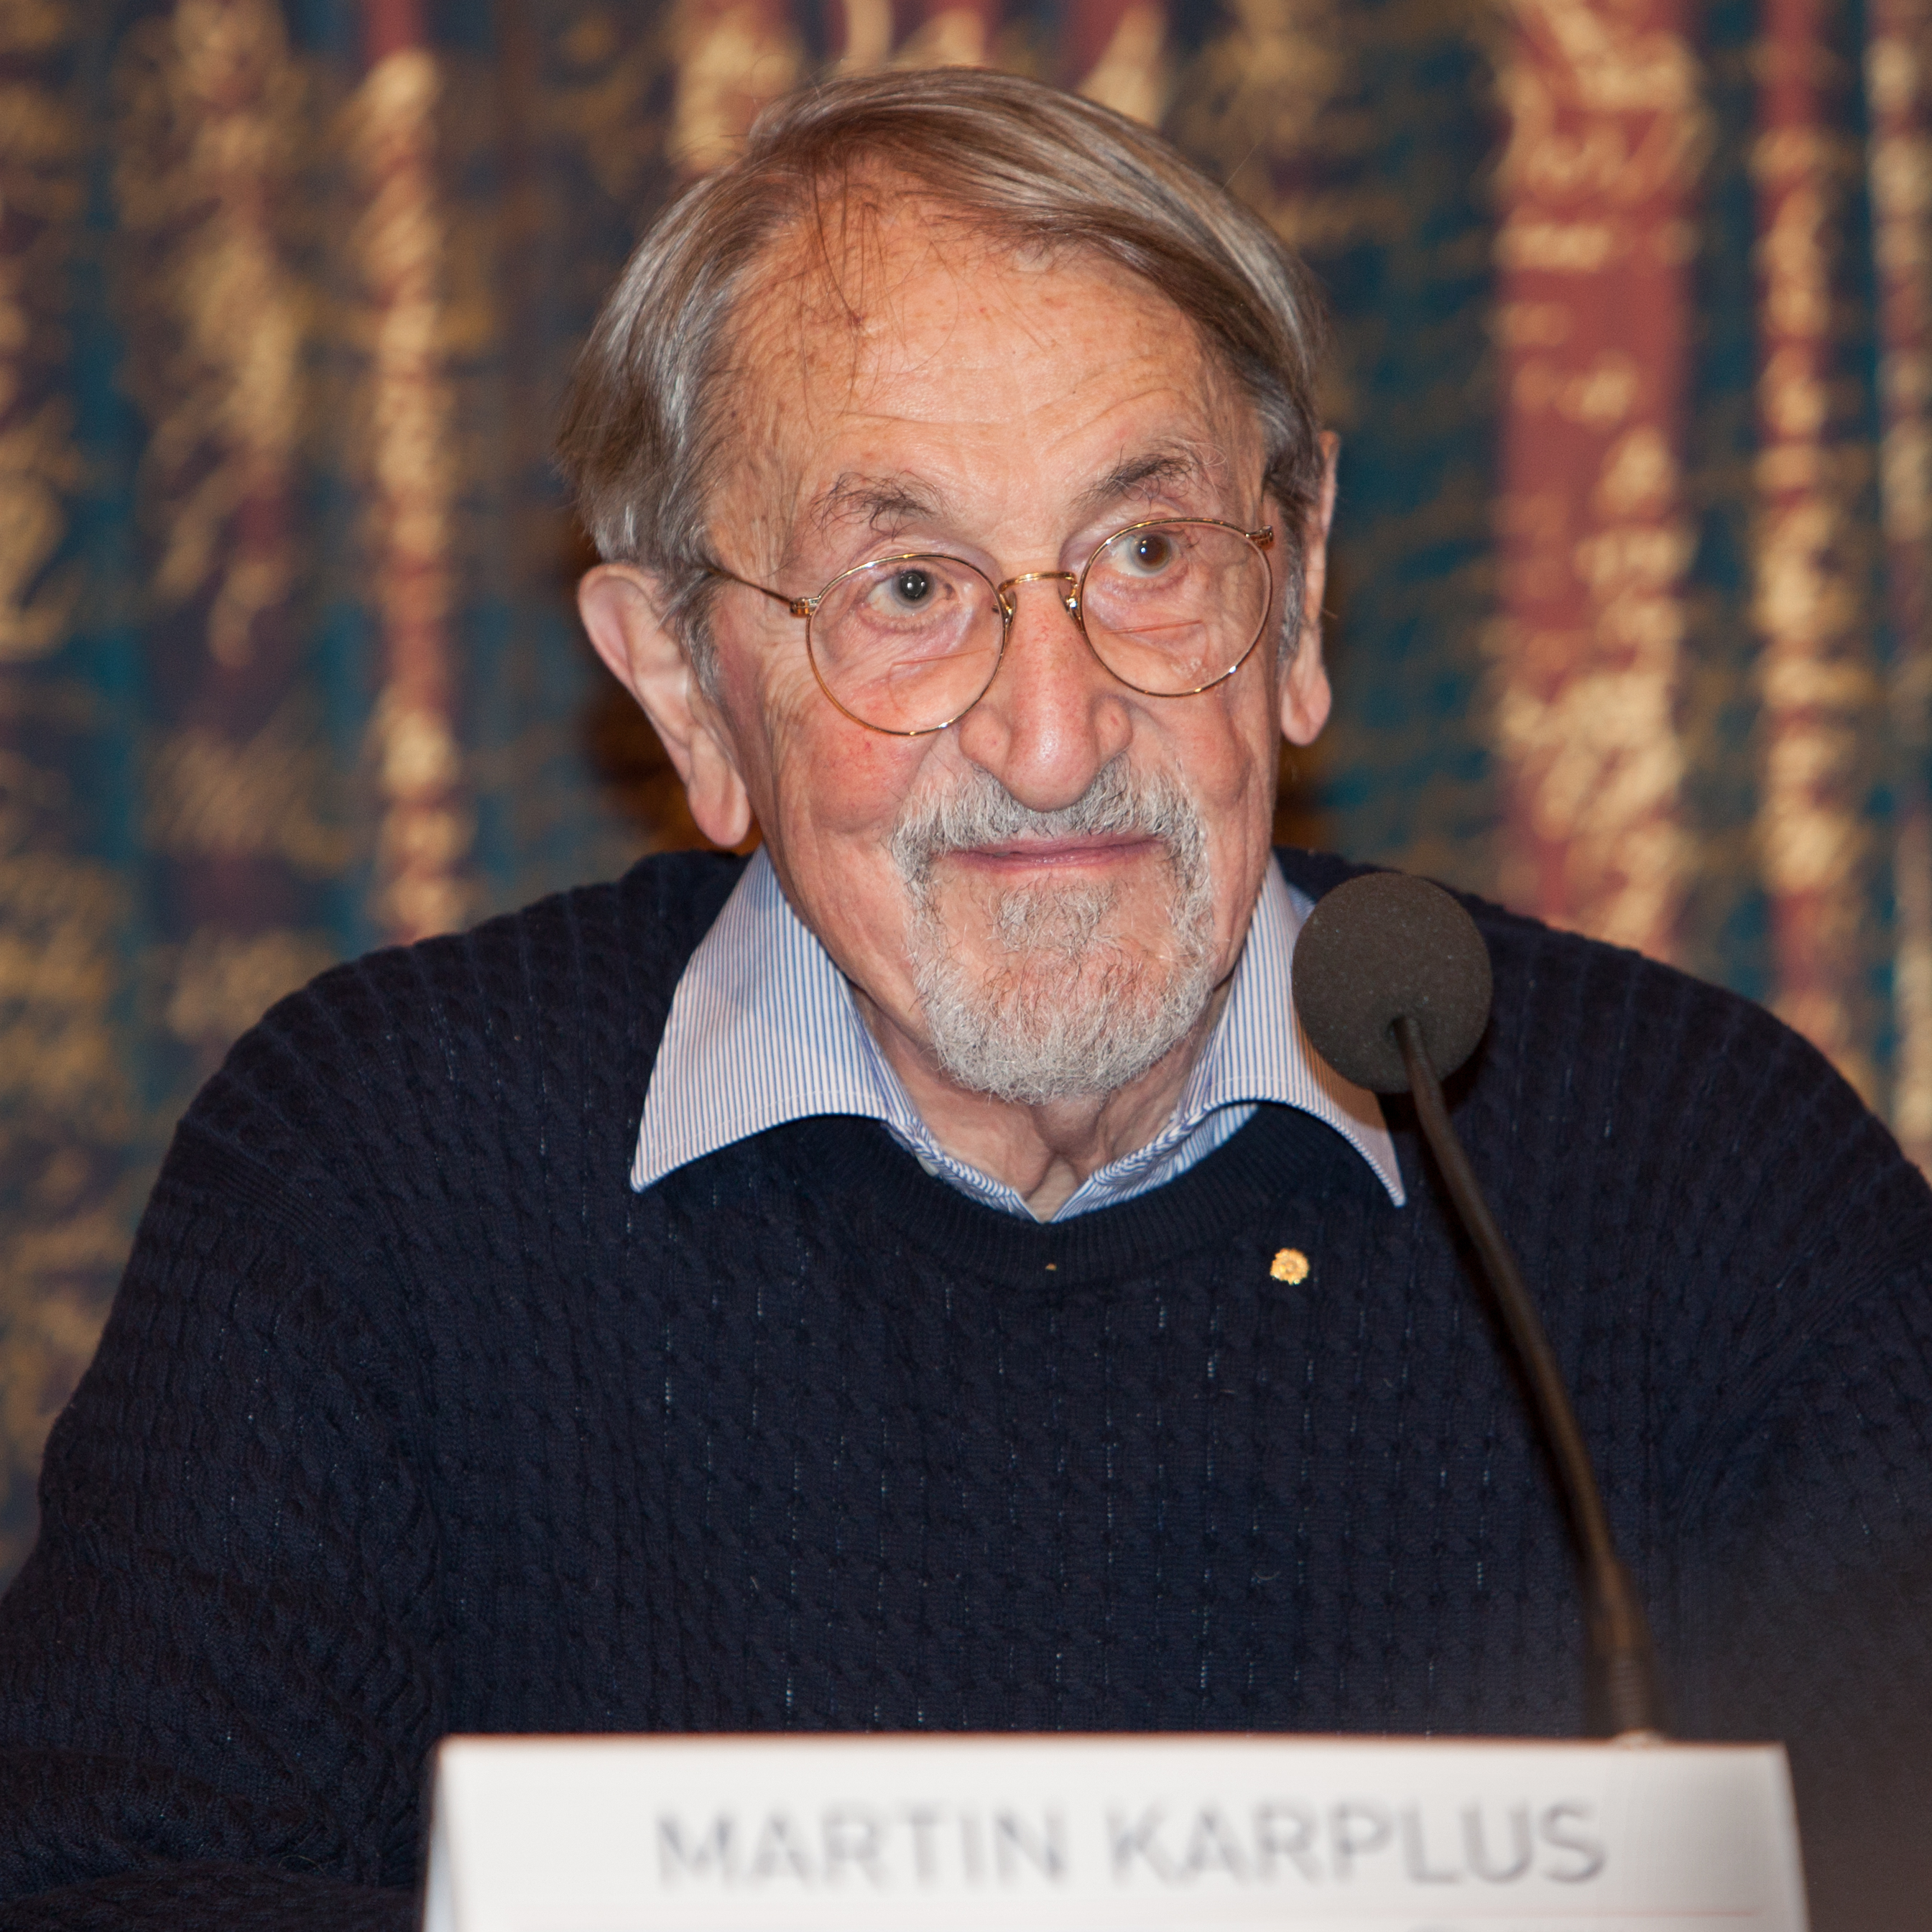 Martin Karplus bei der Pressekonferenz zur Verleihung des Nobelpreises 2013, Foto: Bengt Nyman, CC BY 2.0